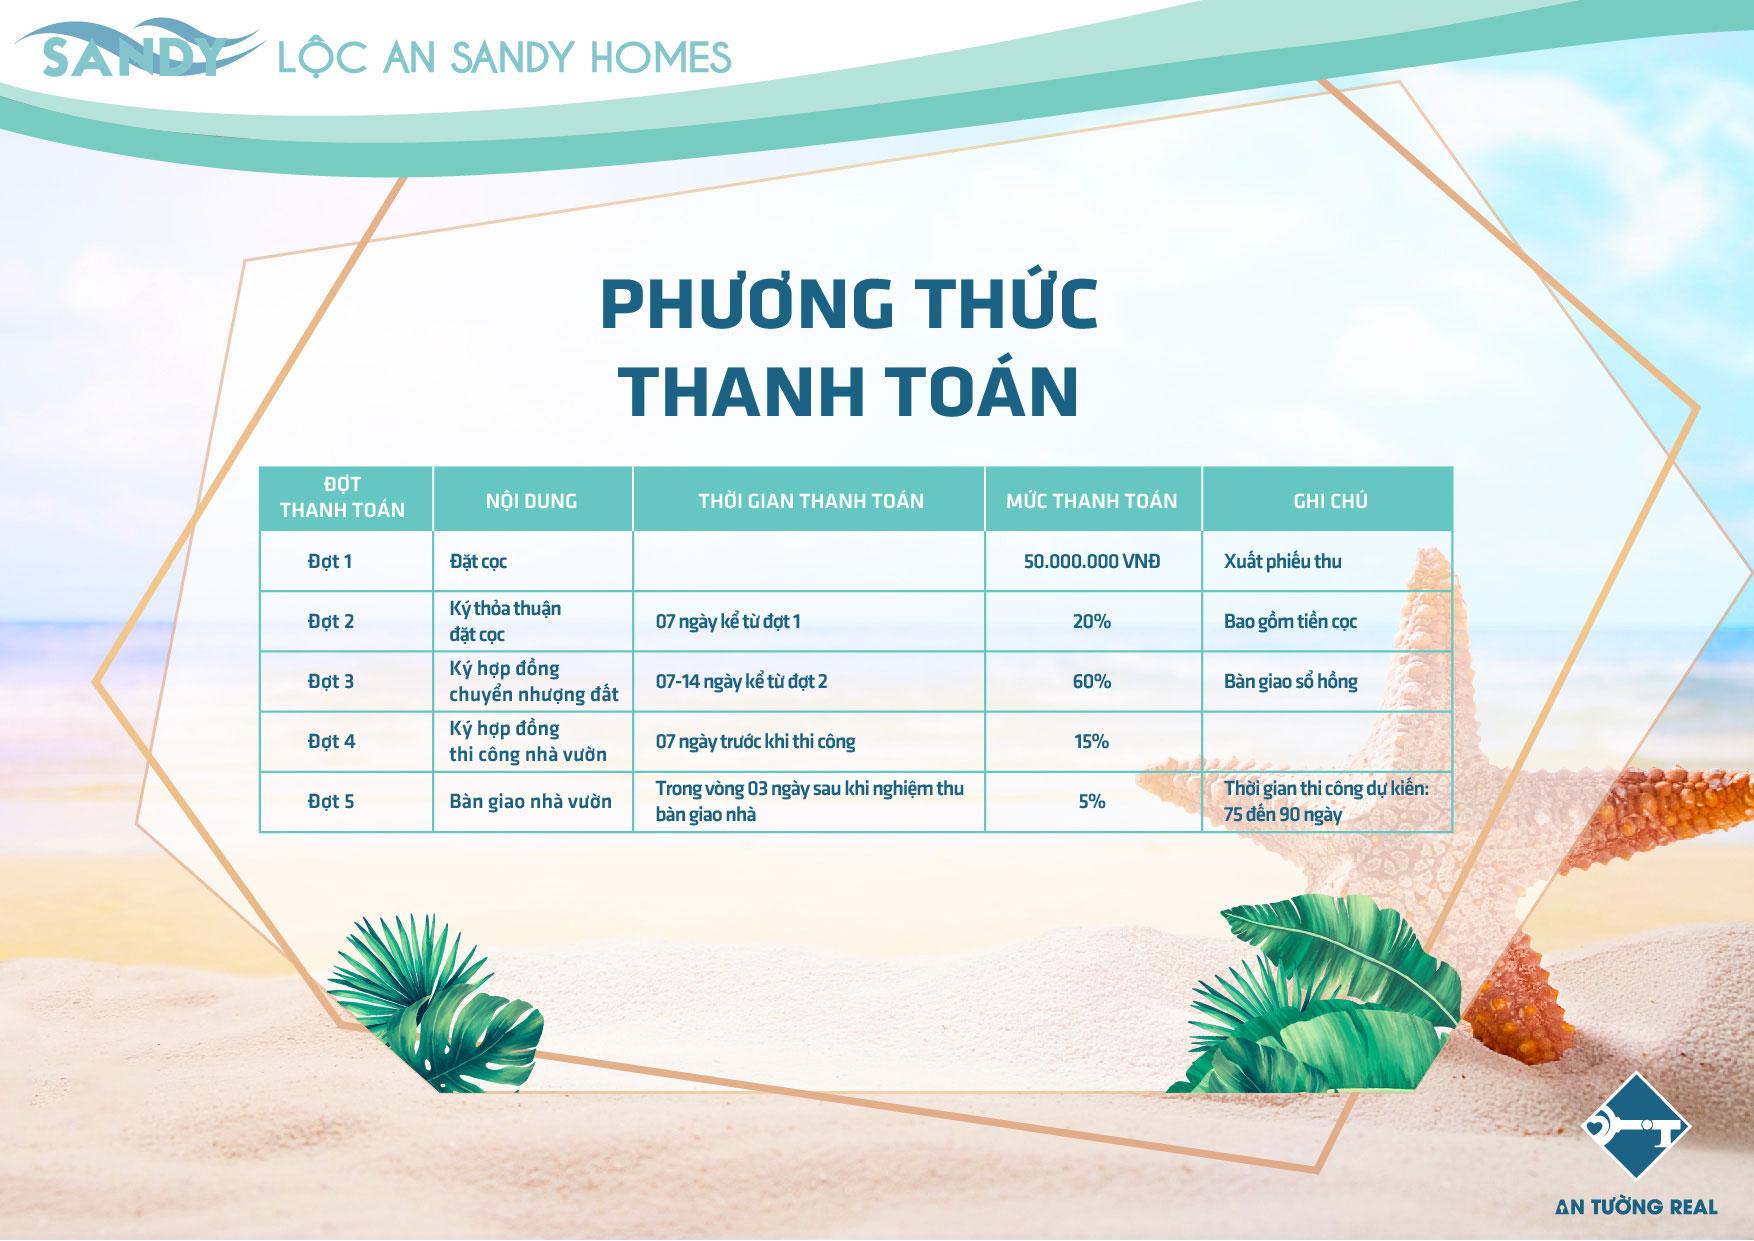 Phương thức thanh toán Lộc An Sandy Homes 01 20211